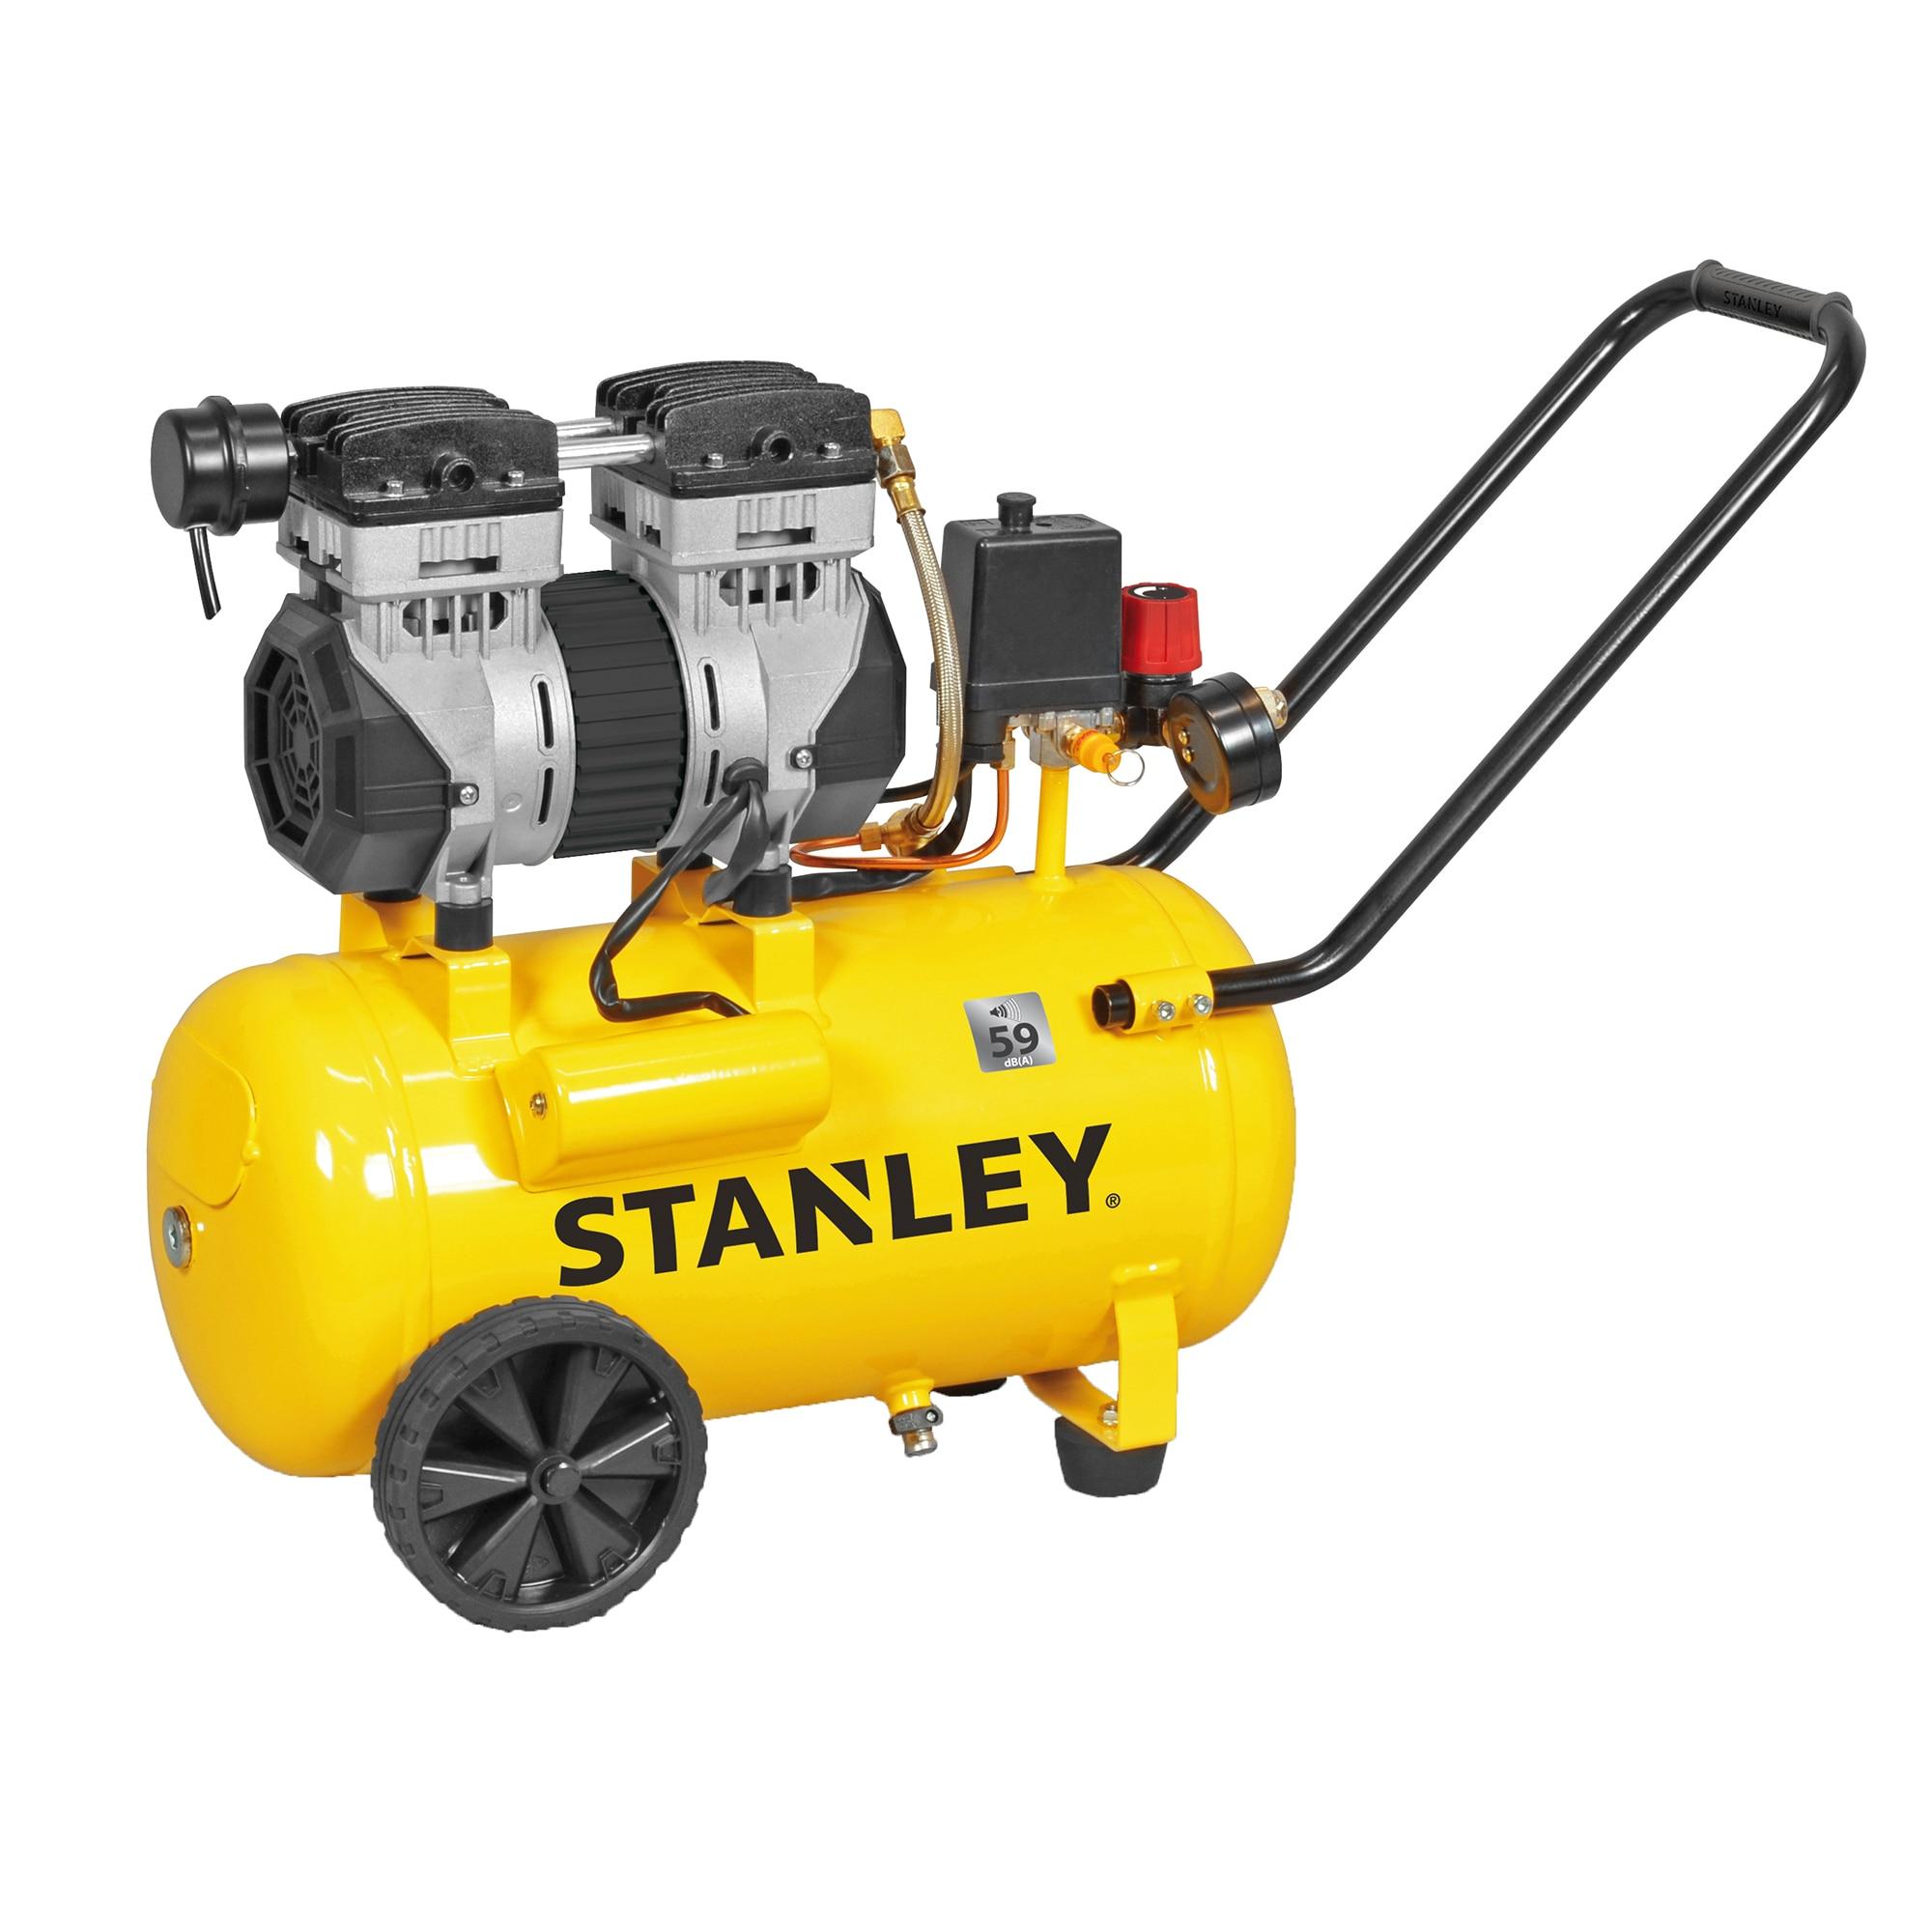 Fotografie Compresor Stanley SILTEK SXCMS1324HE, 1.3 CP, 230 V, 2 cilindrii, 24 l capacitate vas expansiune, 150 l/min debit aer